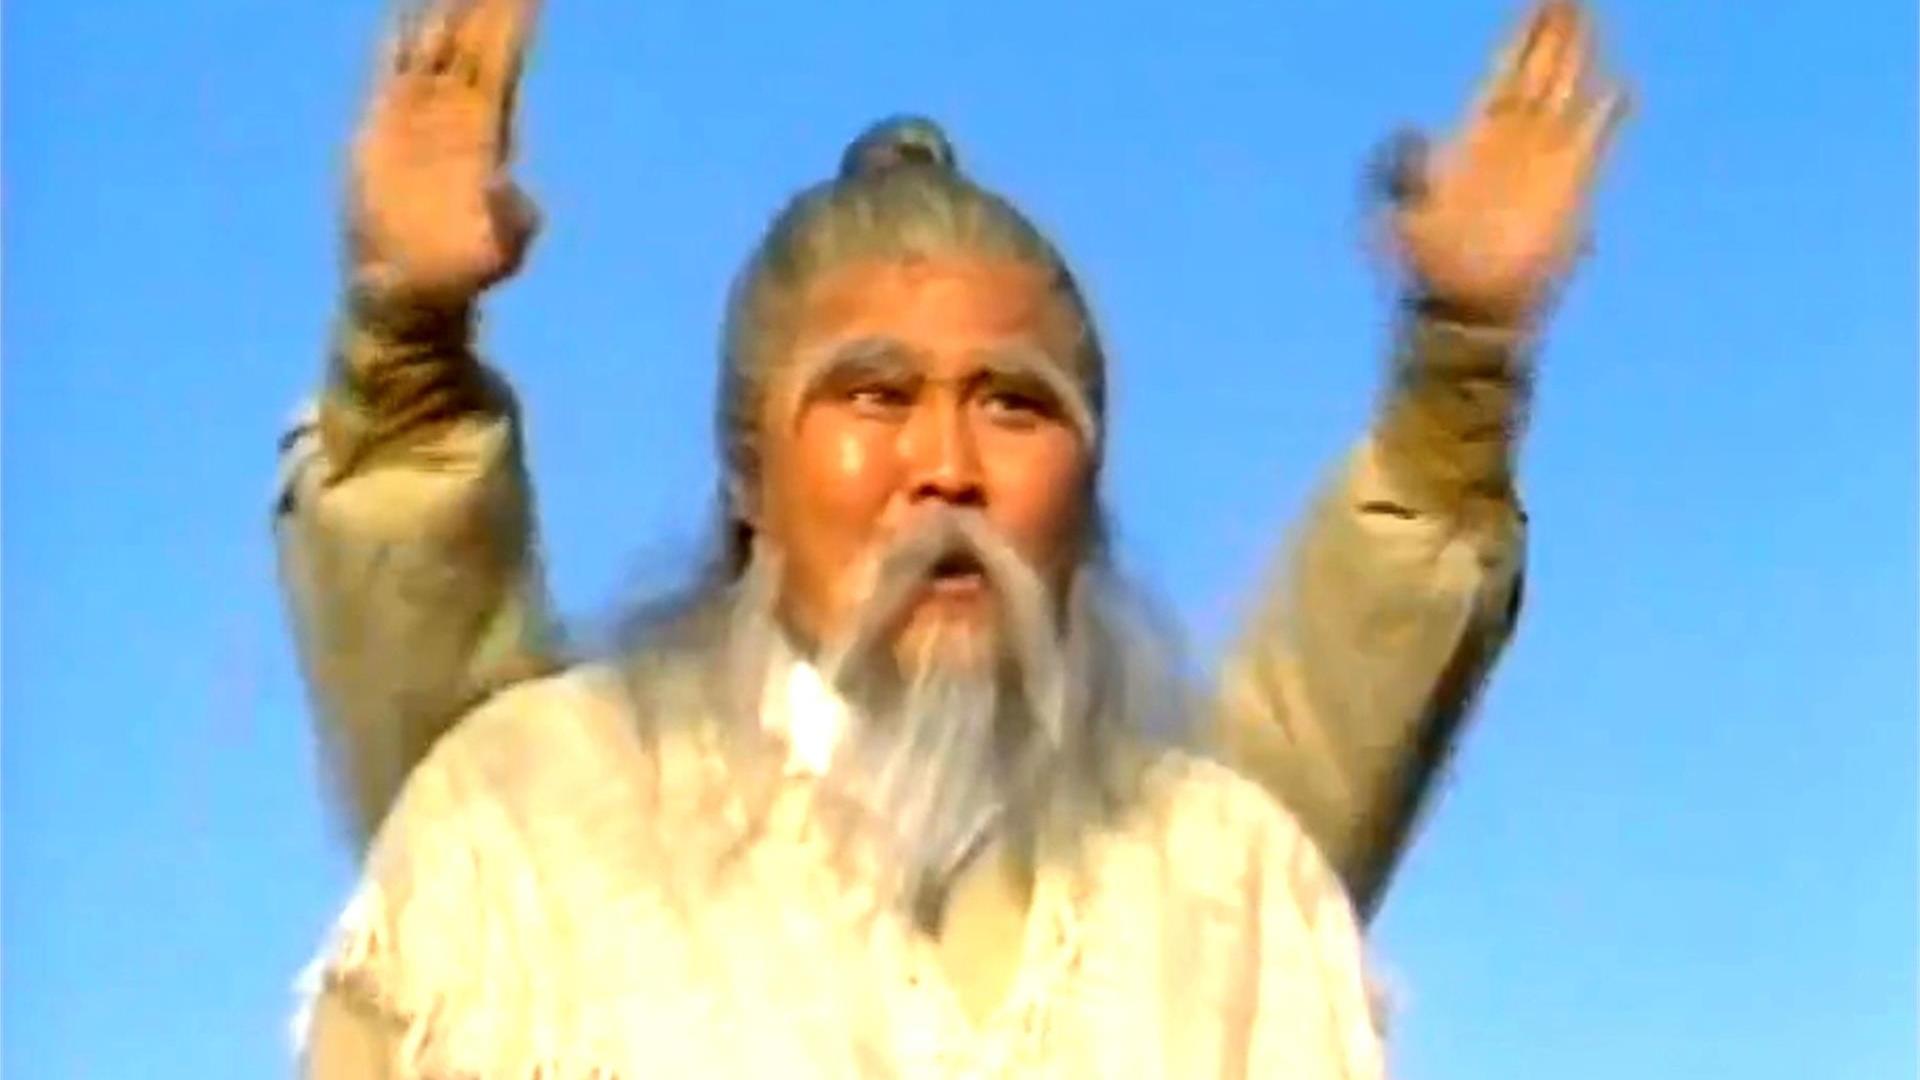 金庸小说人物武功排行榜,第14名,老顽童周伯通